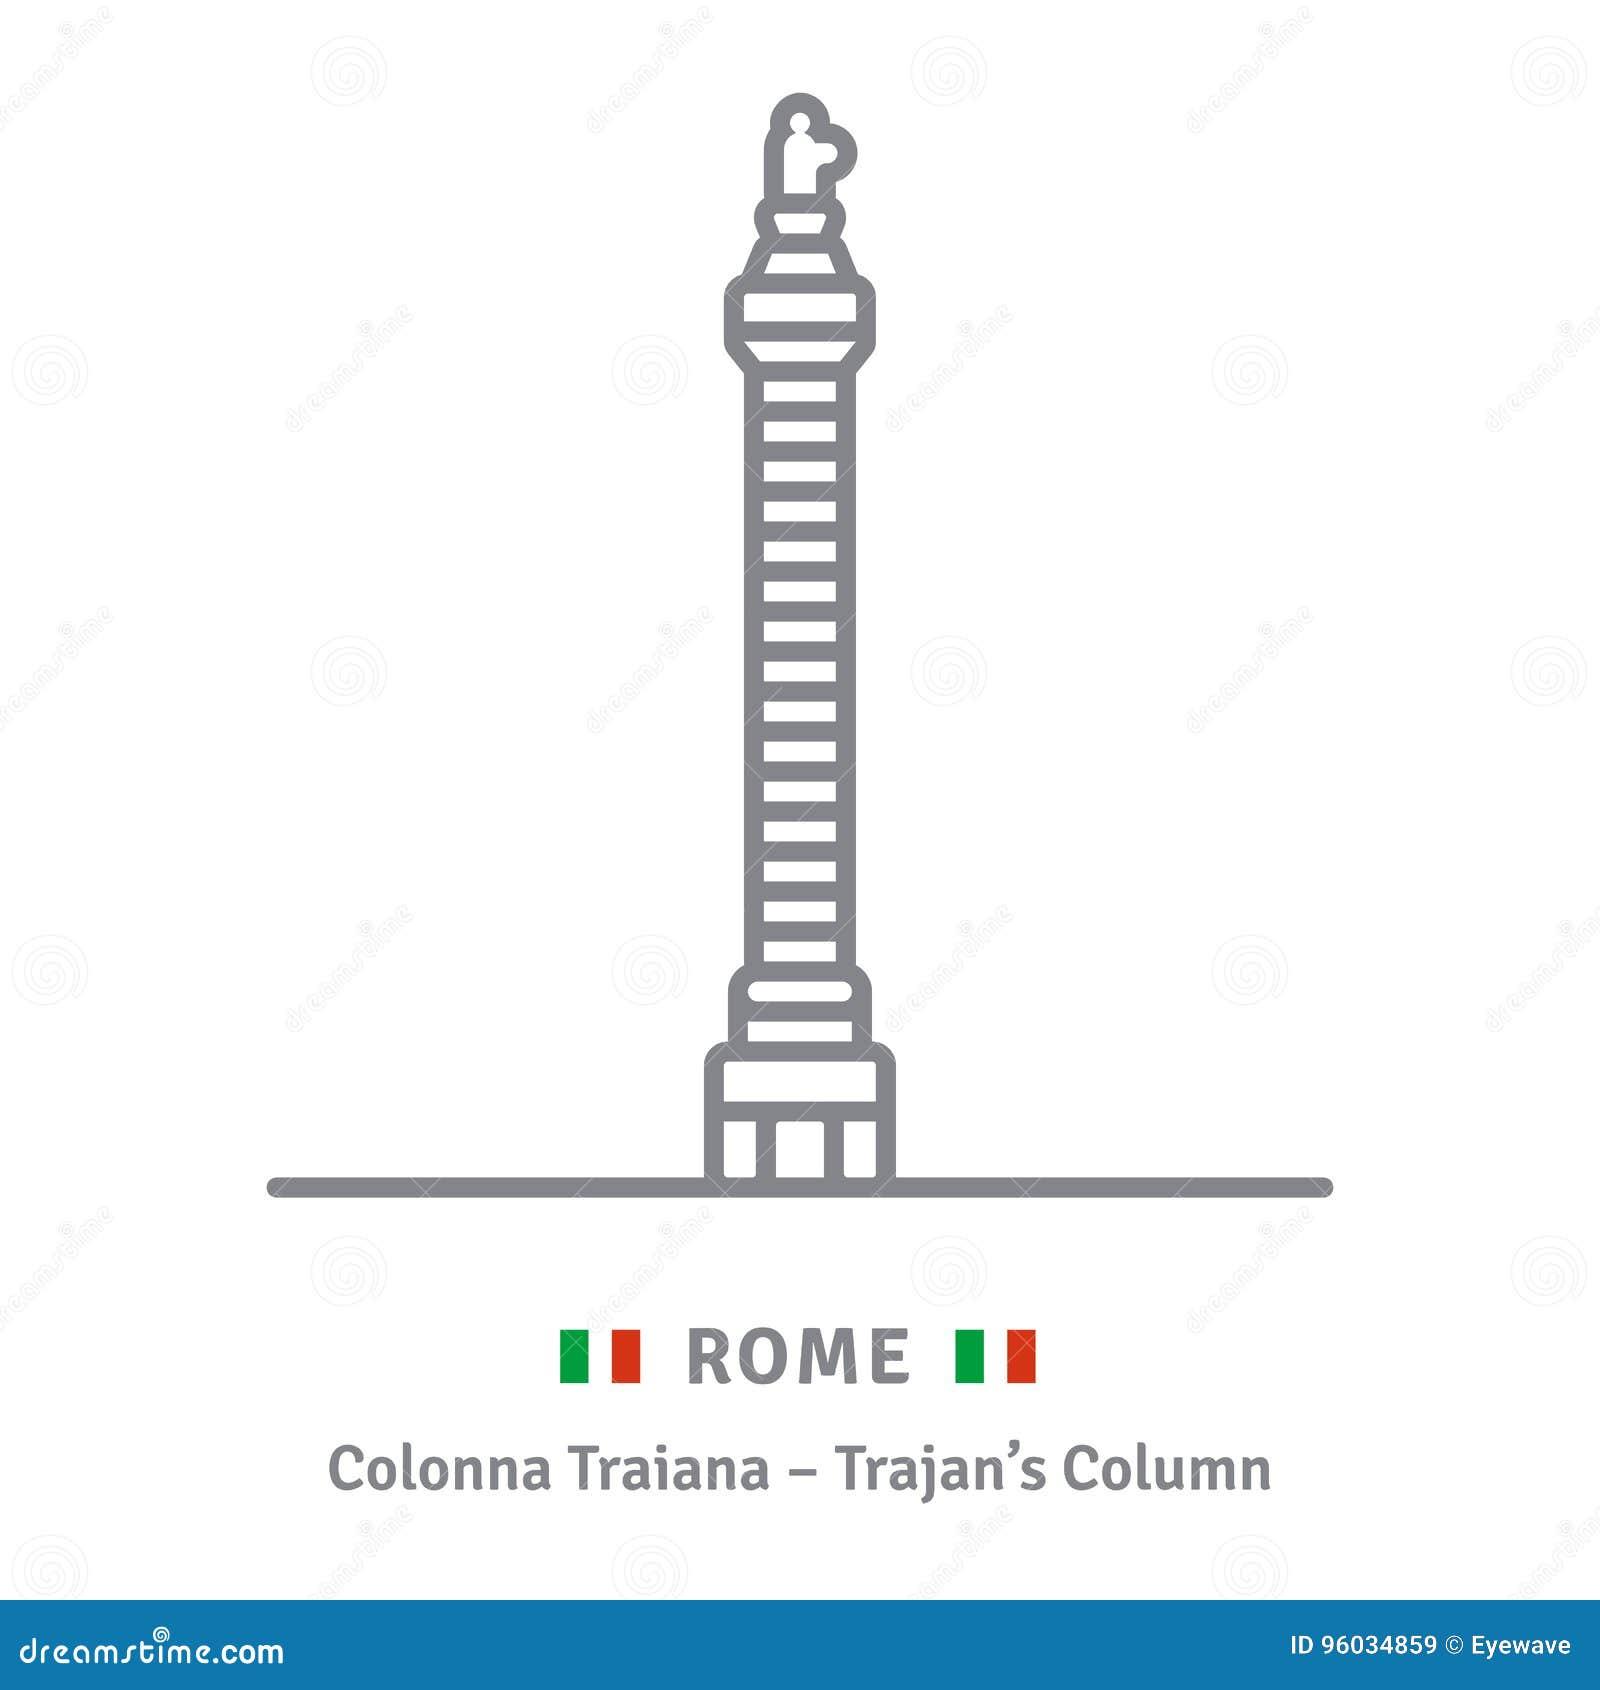 Rzym ikona z Trajans kolumną i włoch zaznaczamy